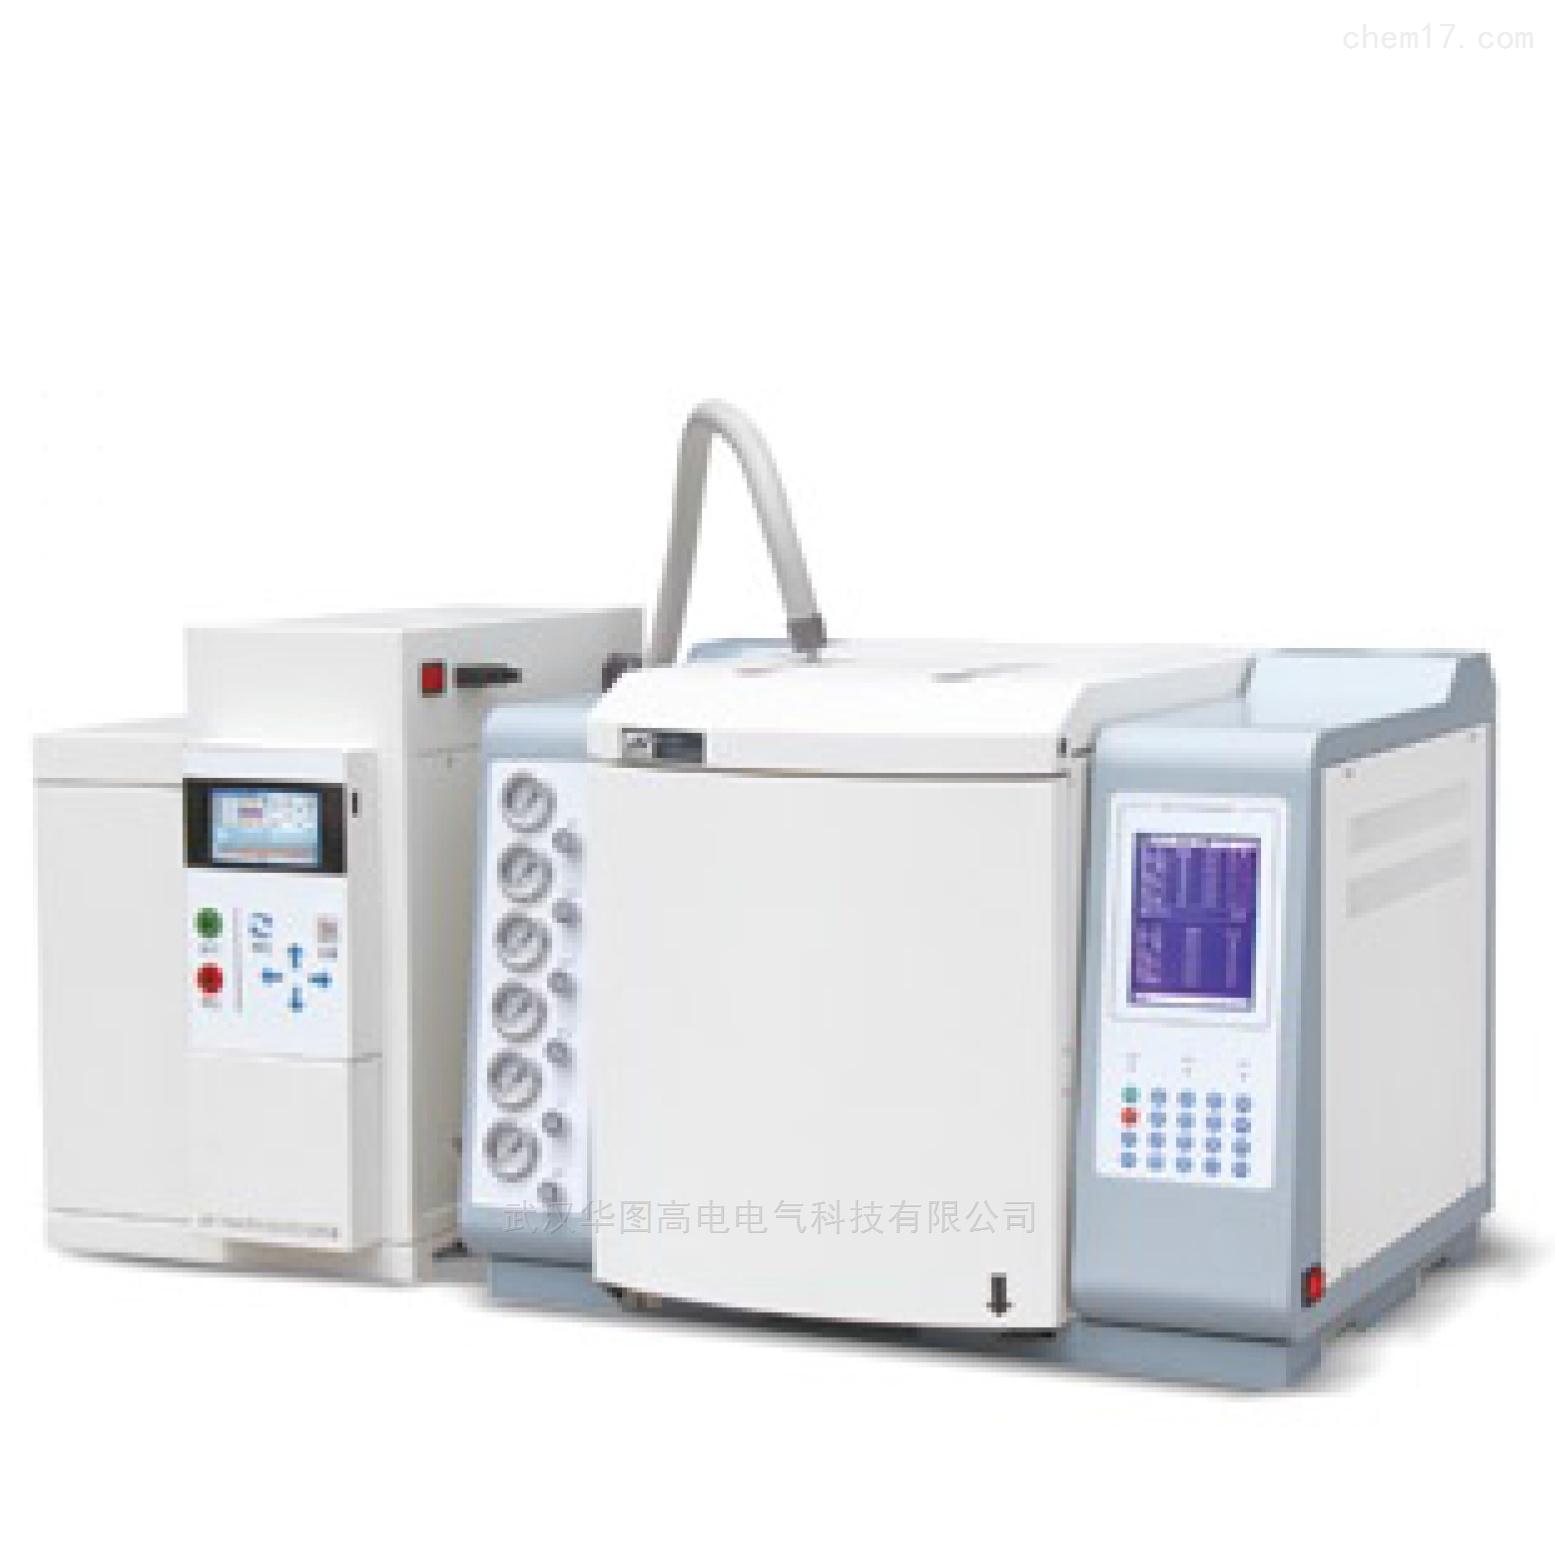 武汉华图高电电气科技有限公司